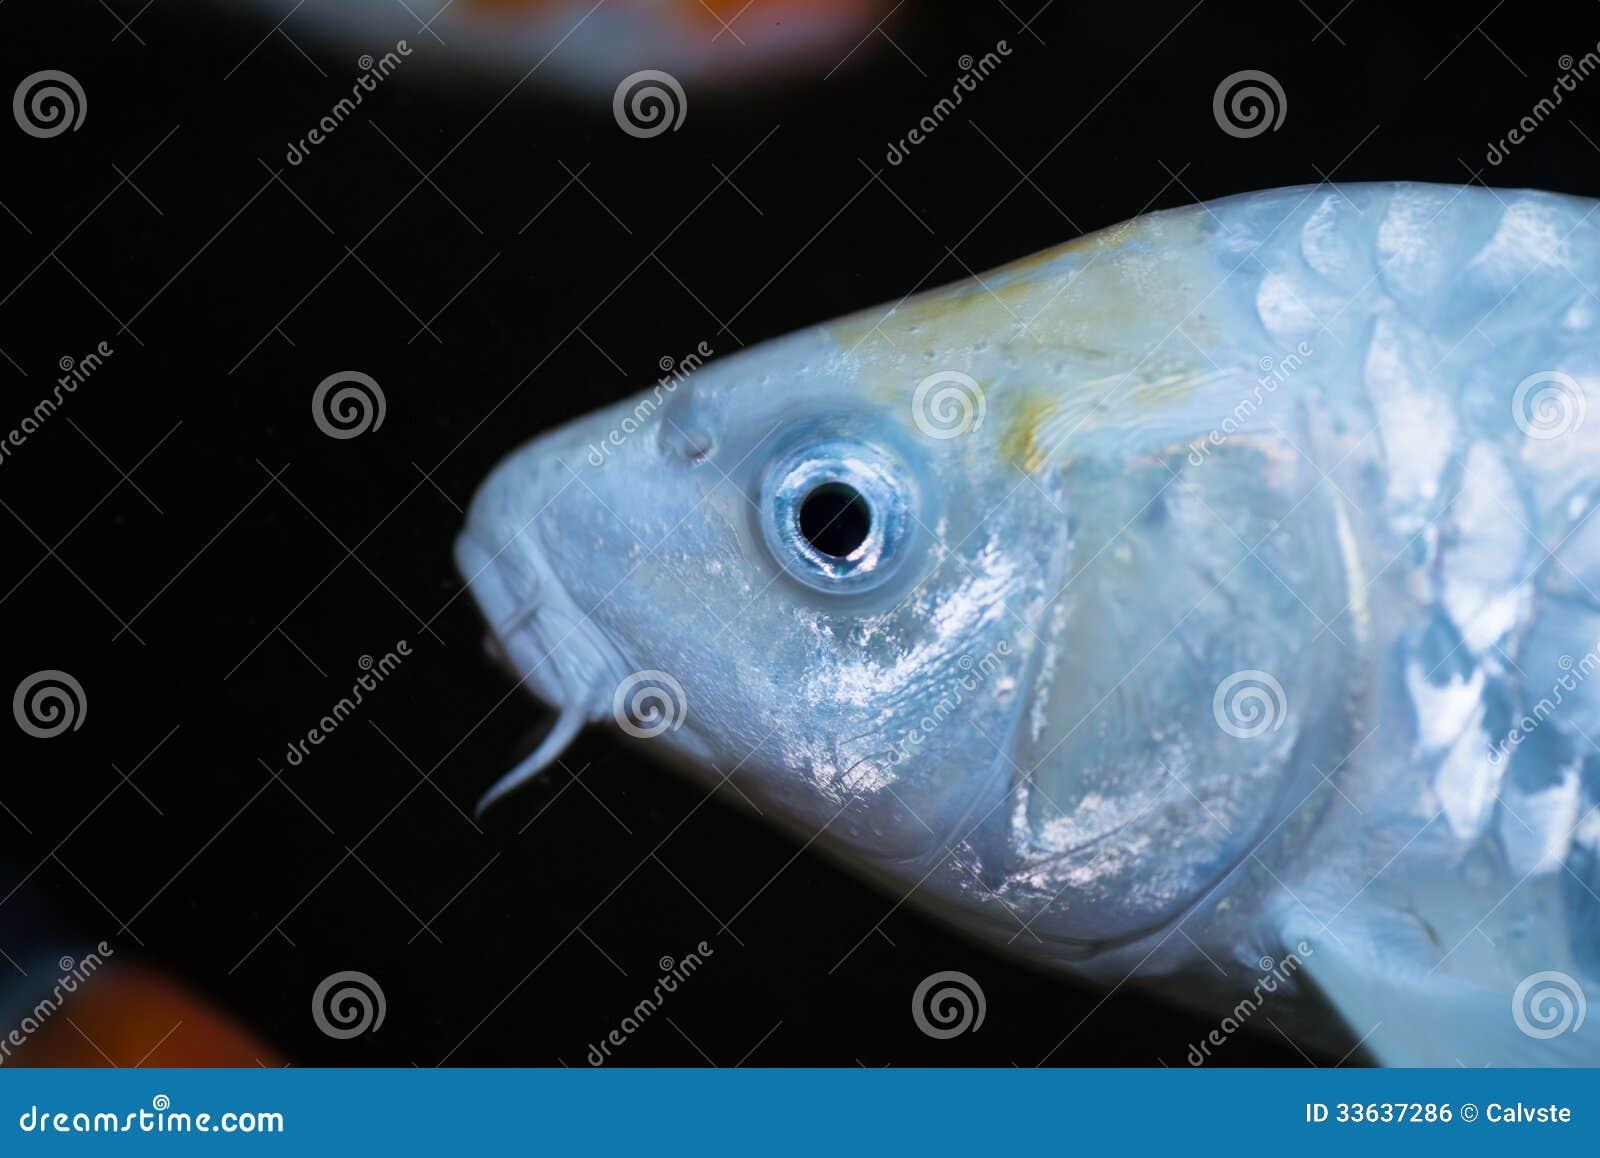 White koi carp fish extreme close up royalty free stock for White koi fish